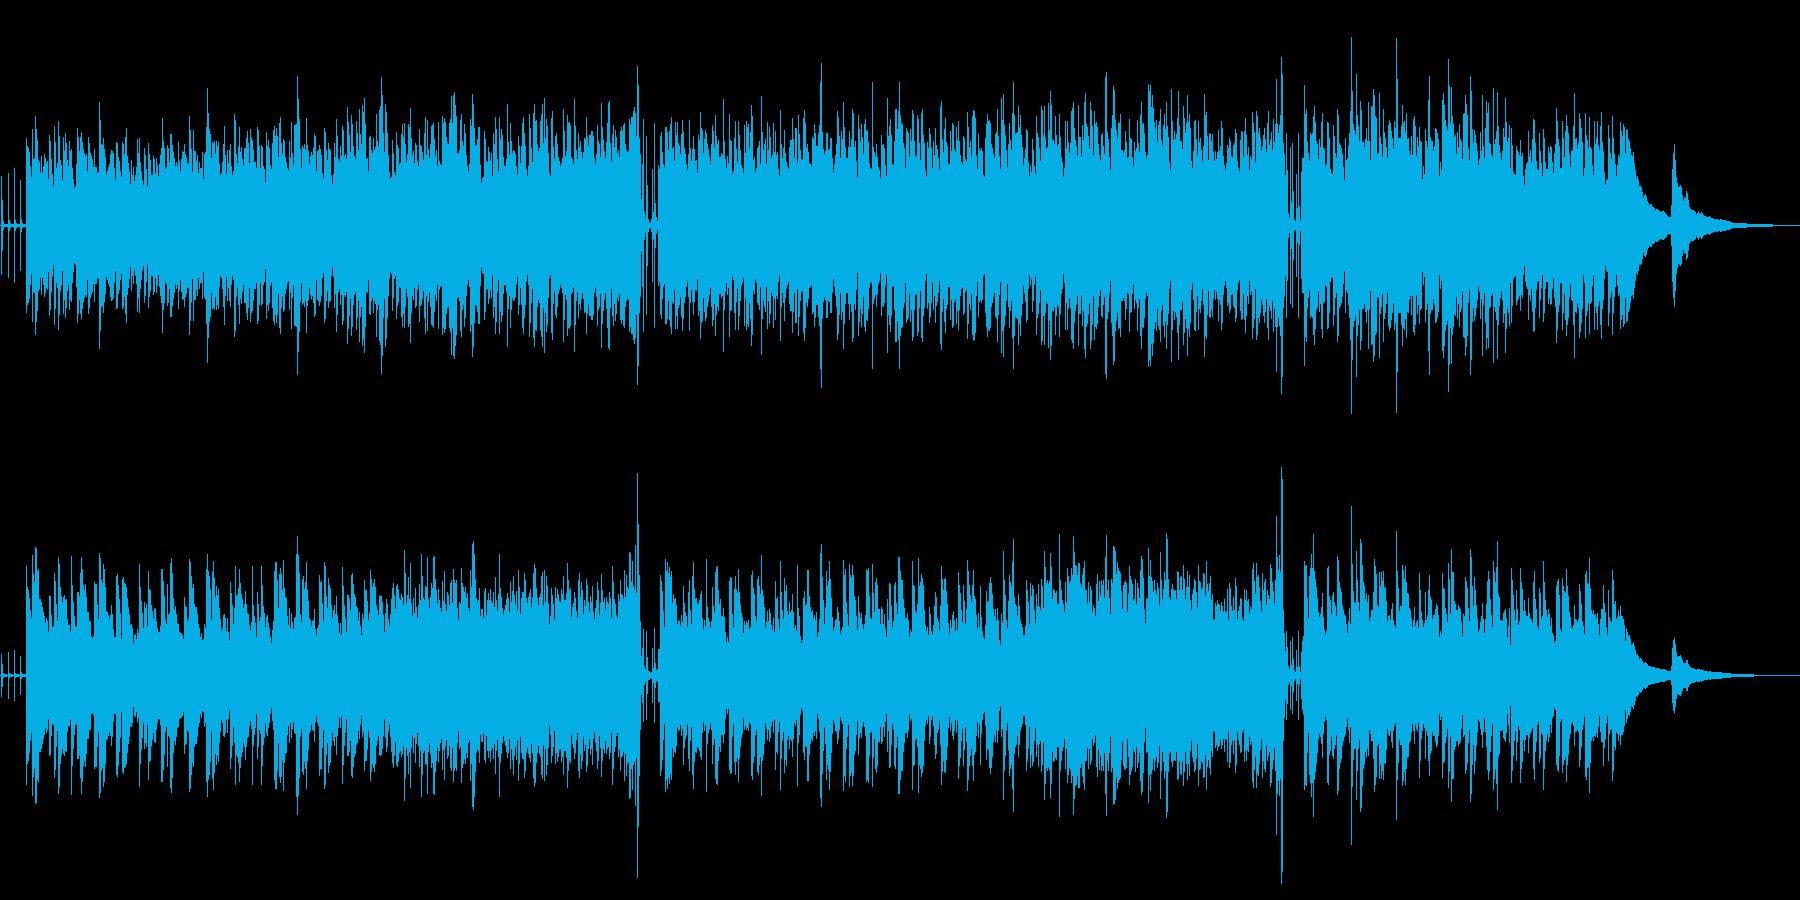 アコースティックギター フォーク調#2の再生済みの波形